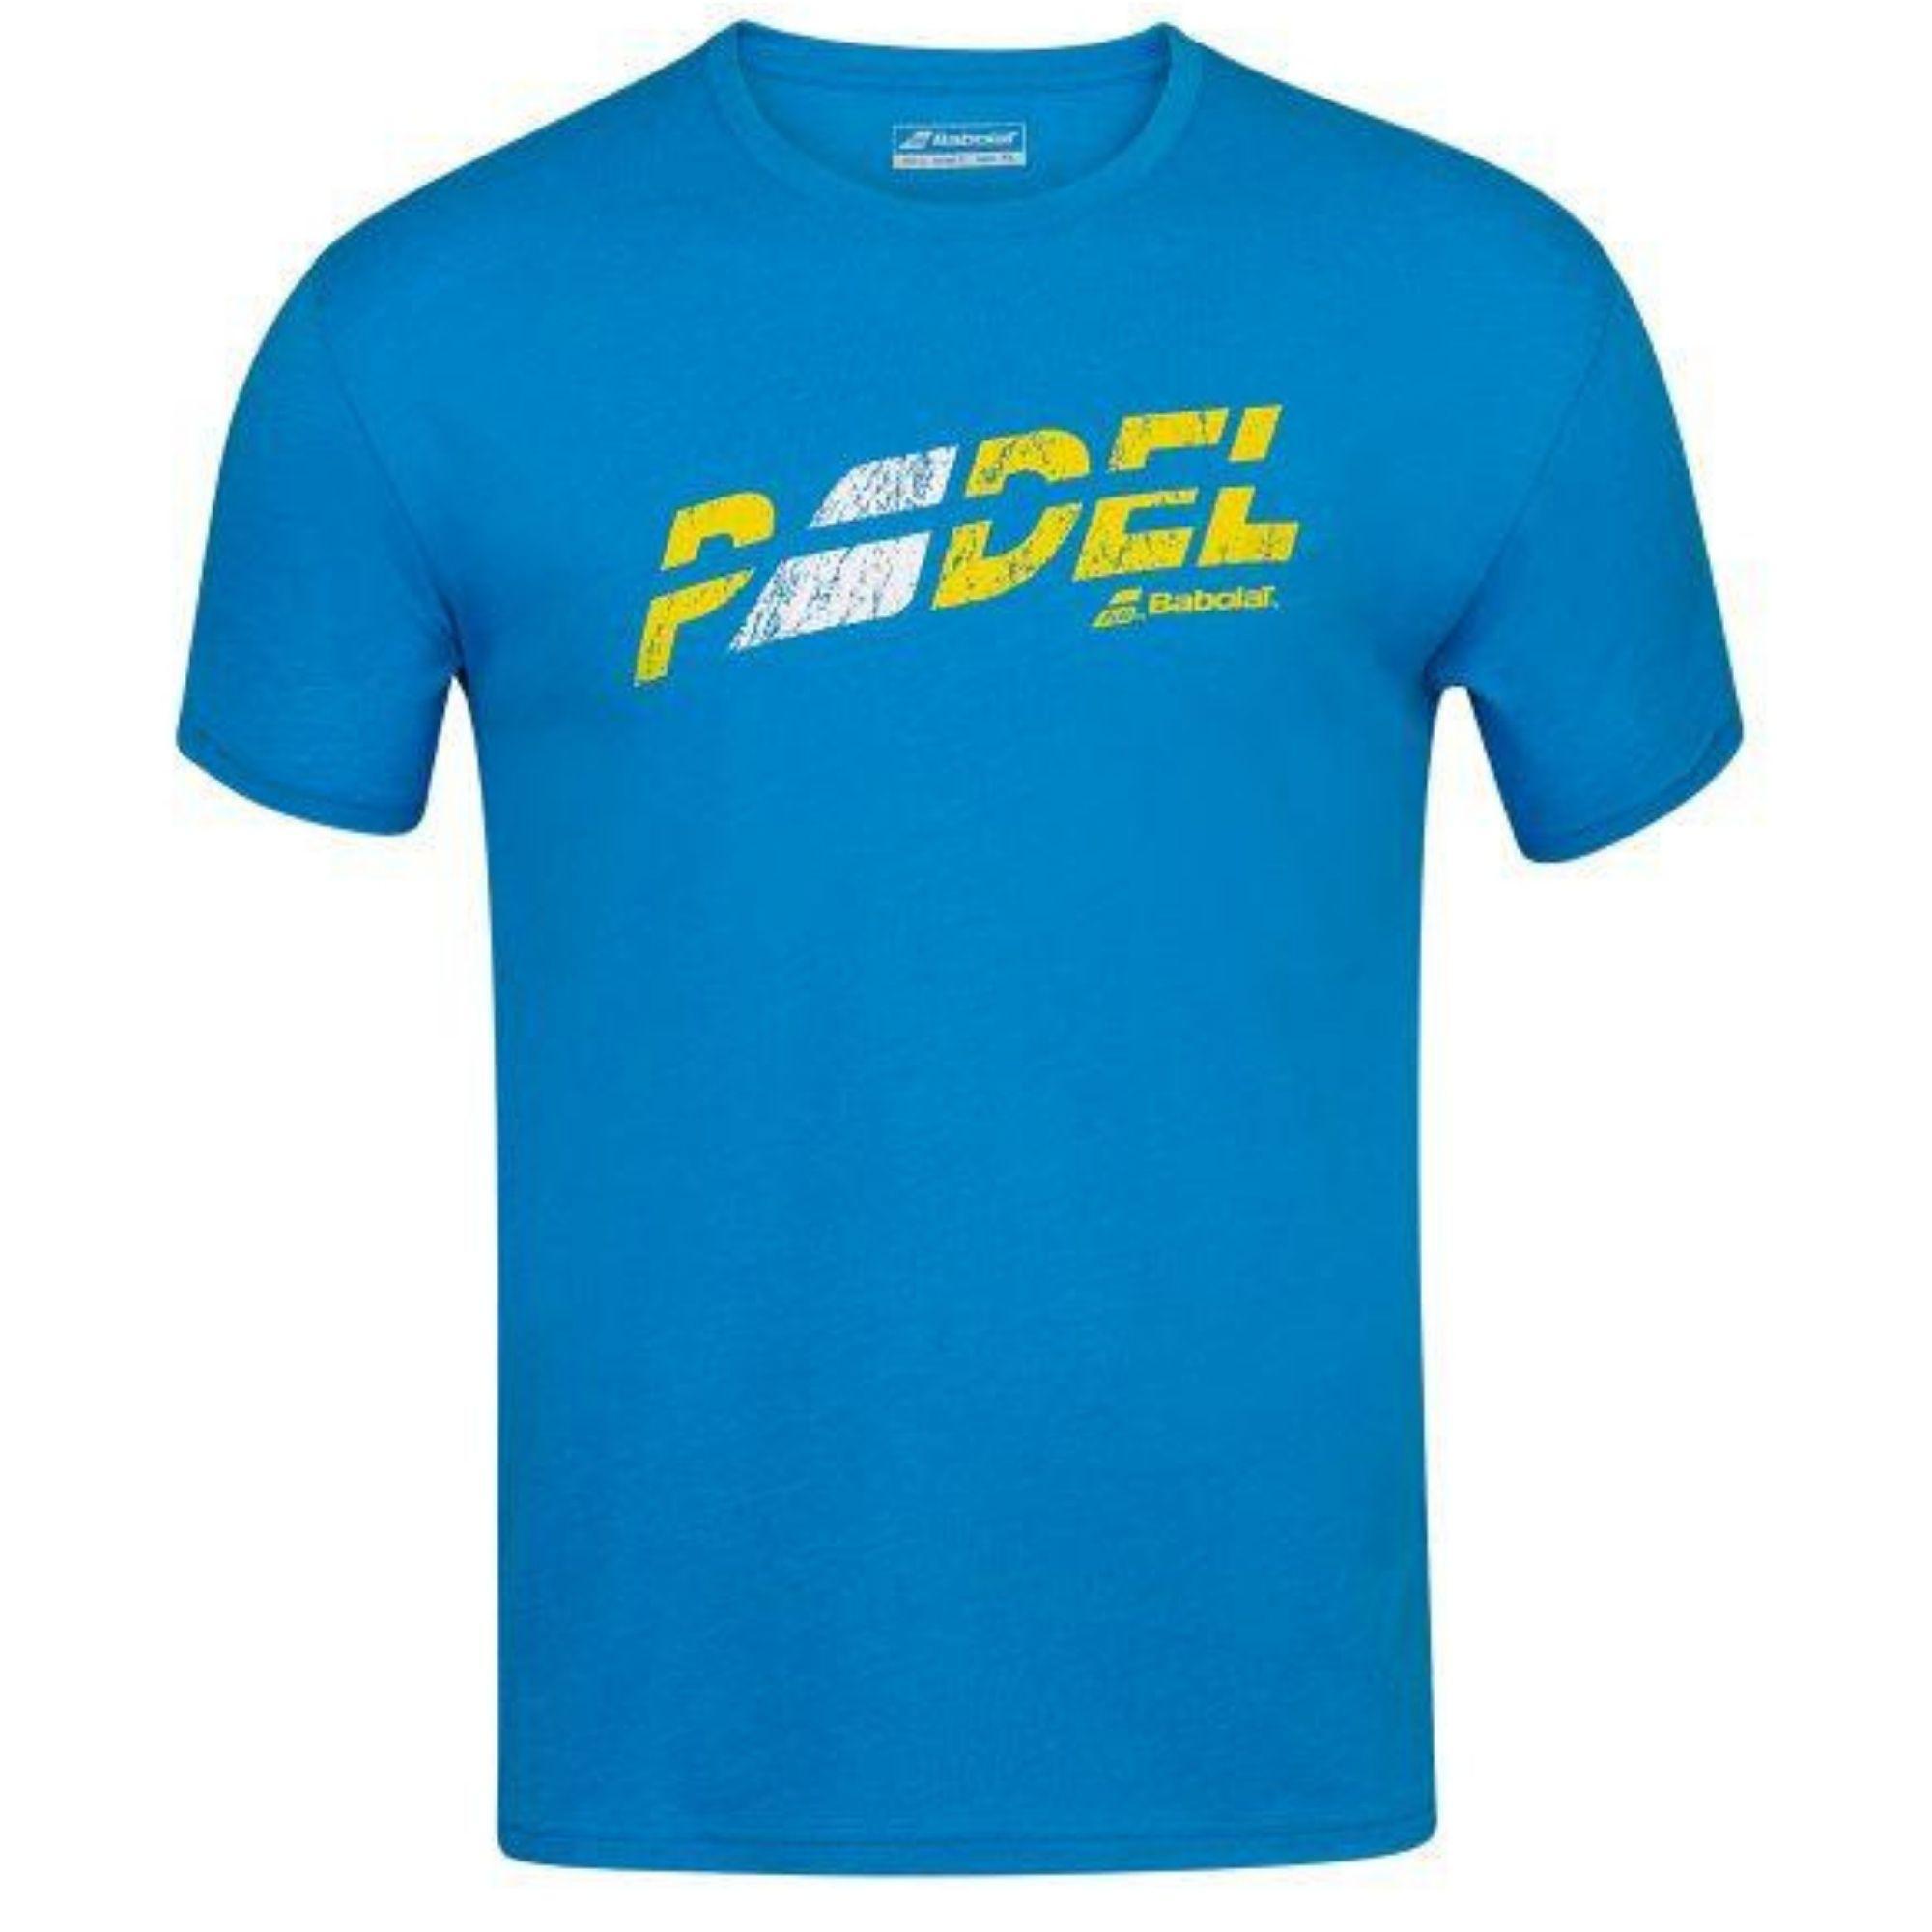 Camiseta Babolat Exercise Flag Padel